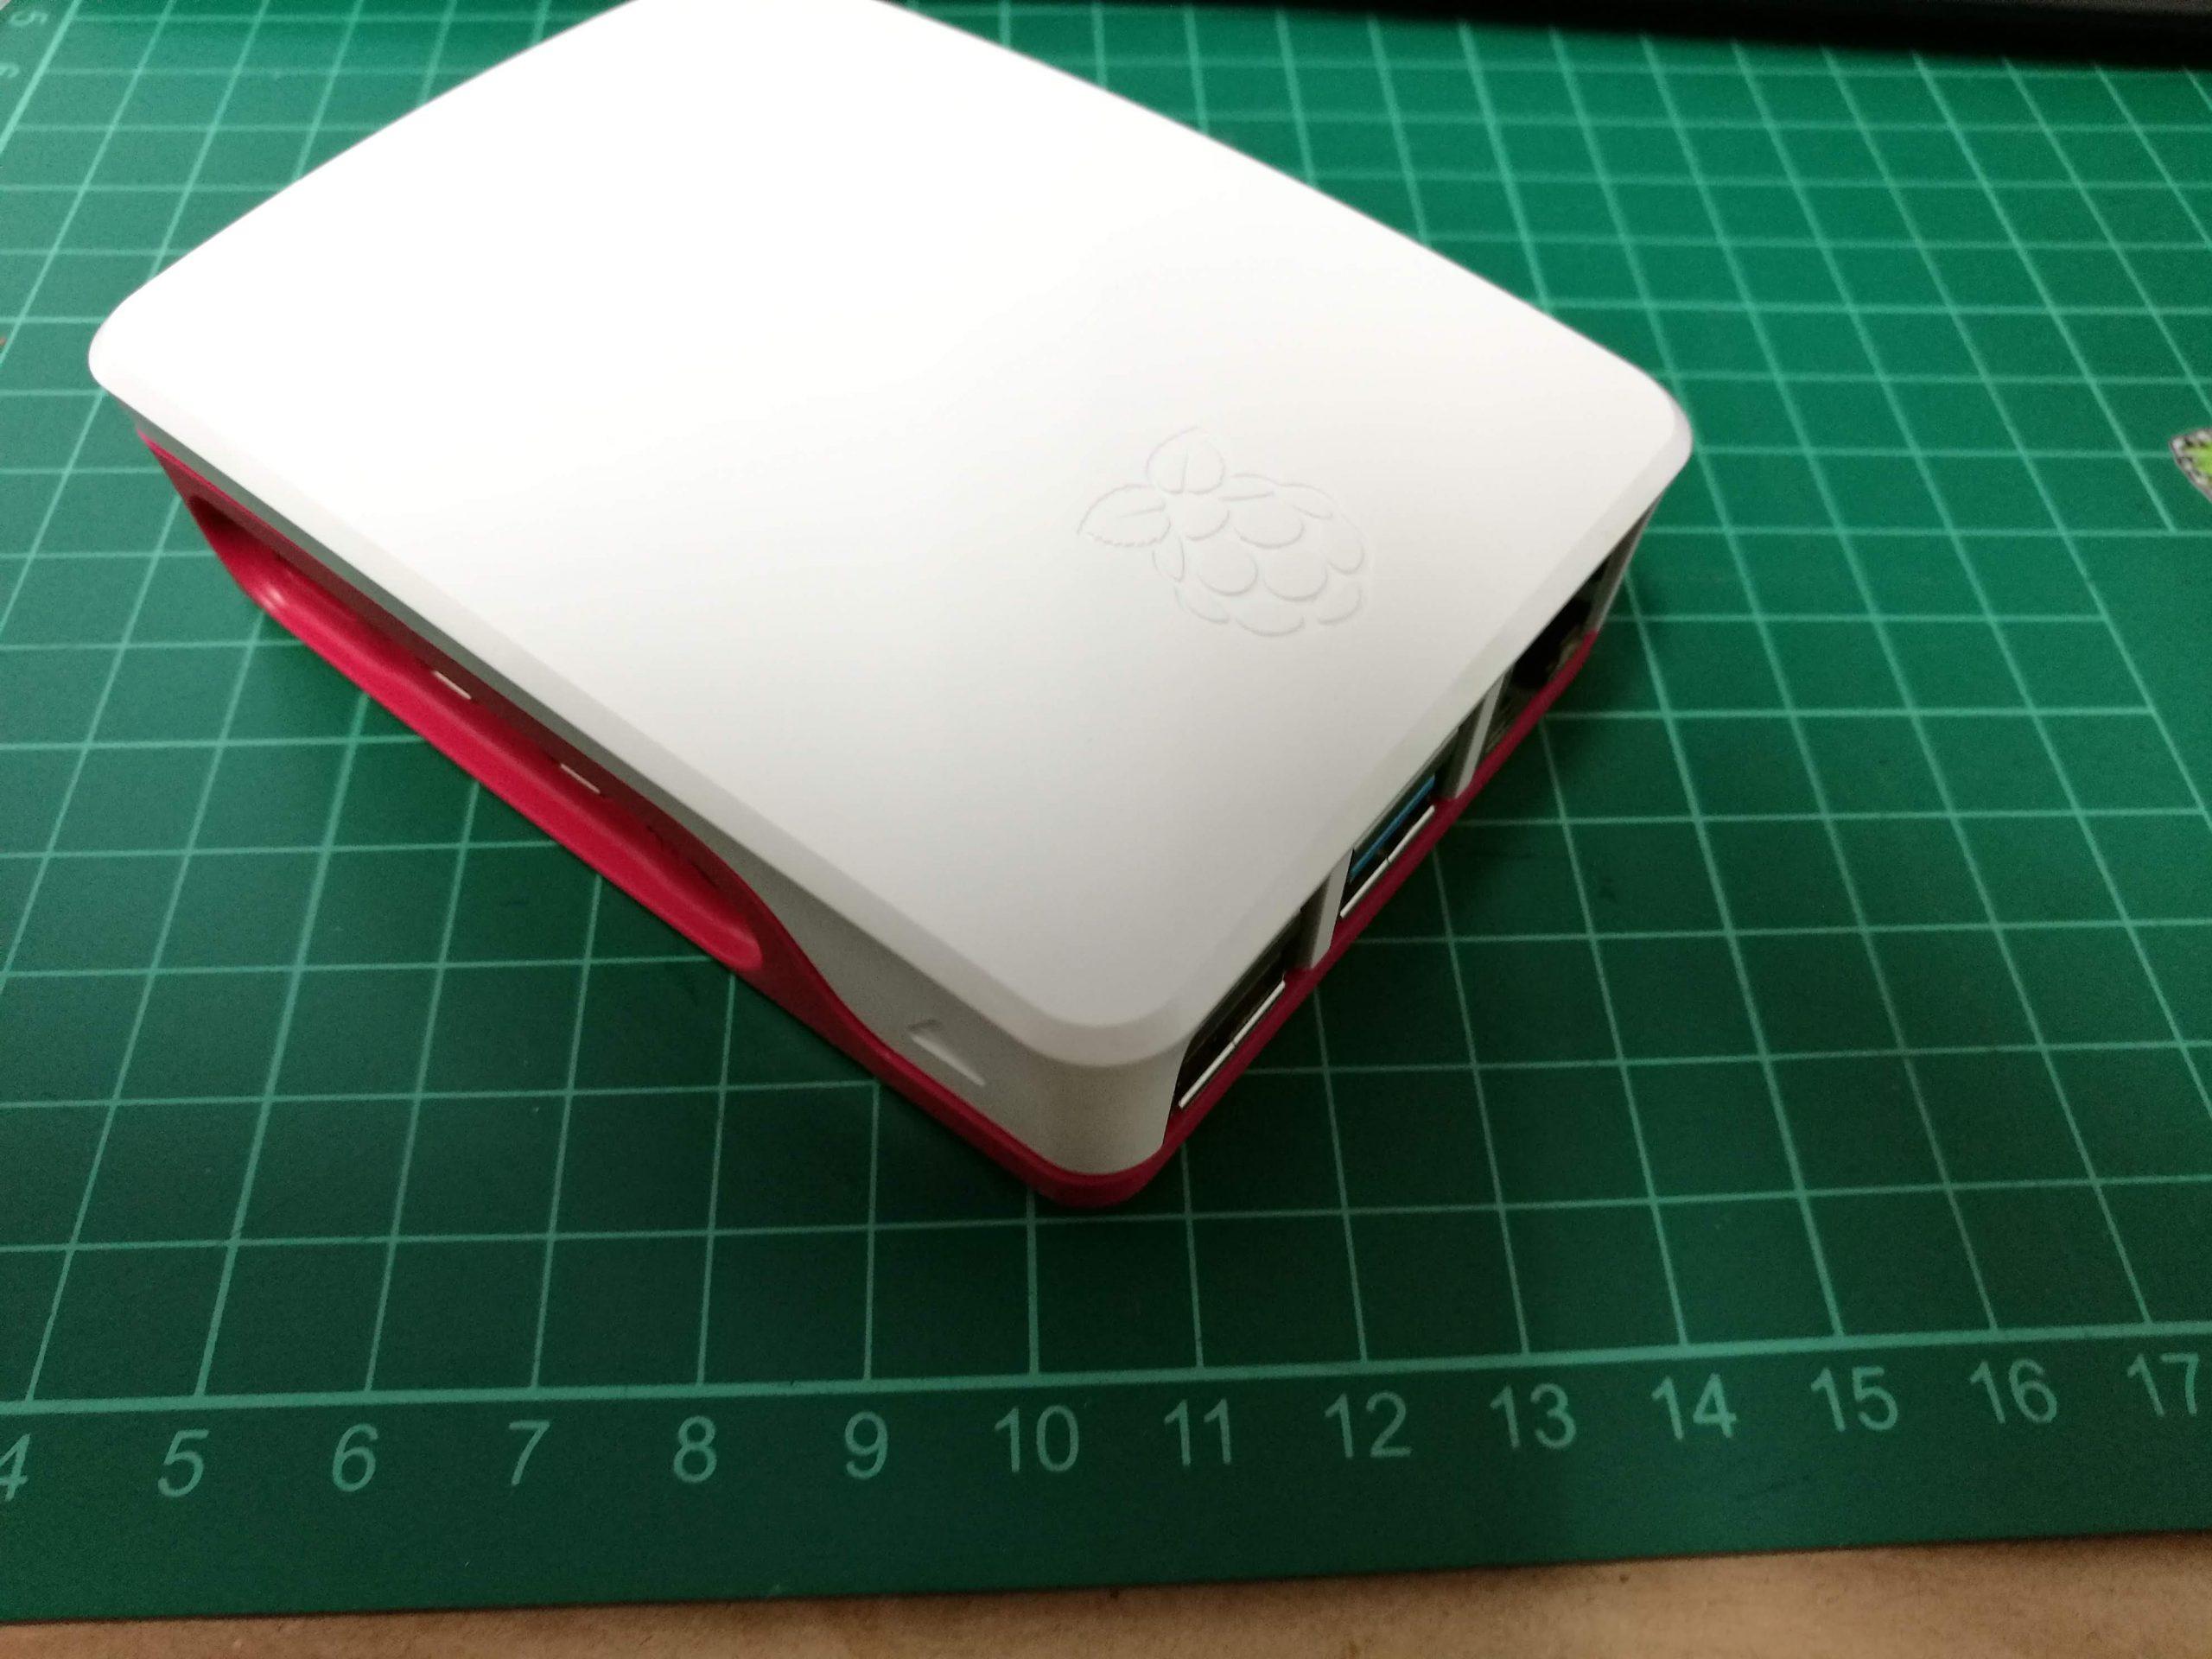 Virallisen Raspberry Pi 4 -kotelon lämpötesti